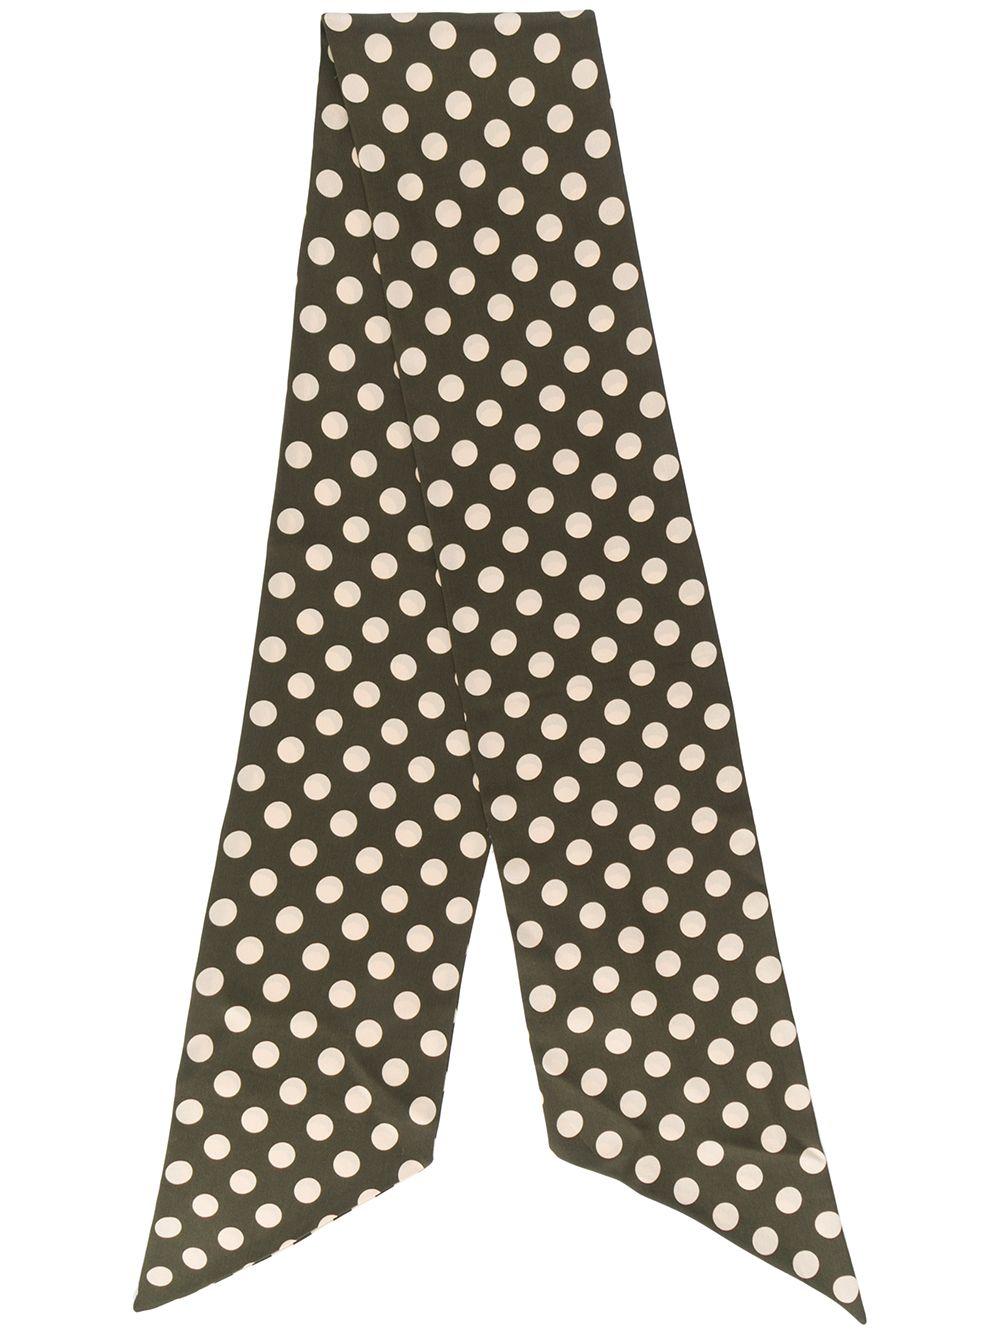 sciarpa verde scuro in seta a pois con bordo rifinito ALBERTO ASPESI | Sciarpe e foulards | 8809-A32355237